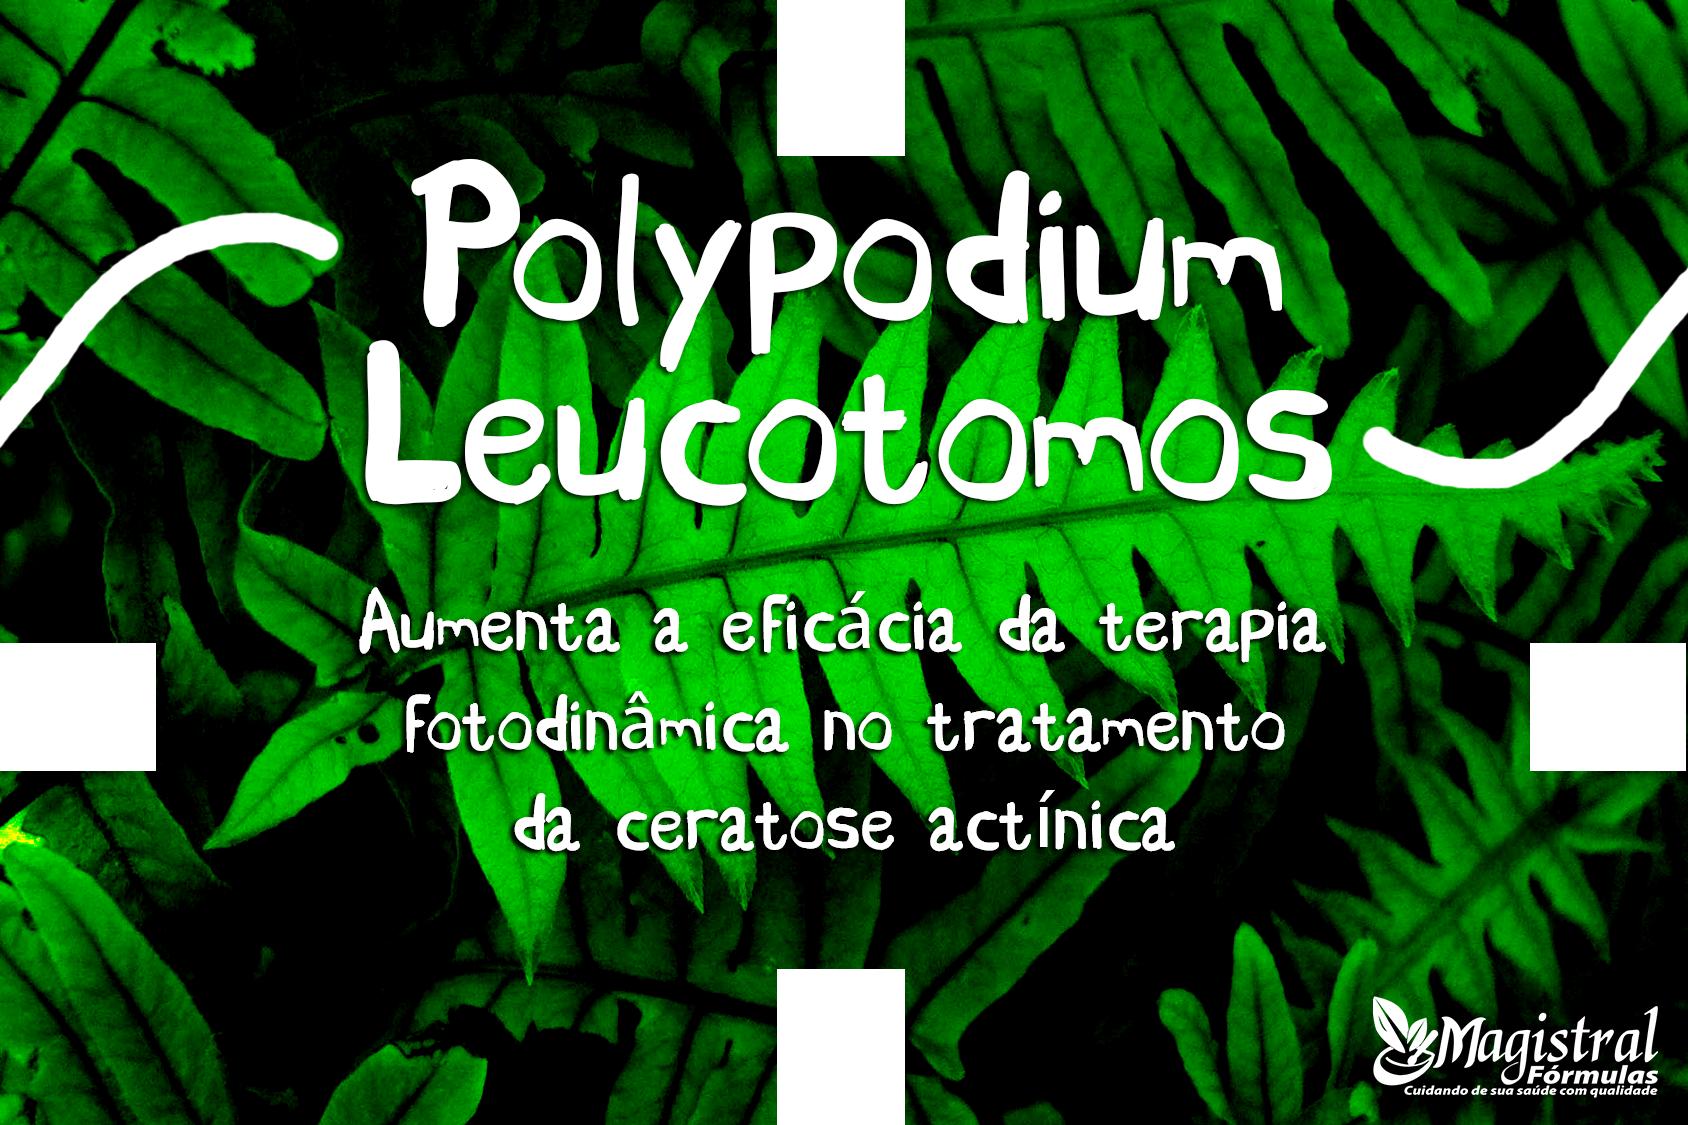 polypodium